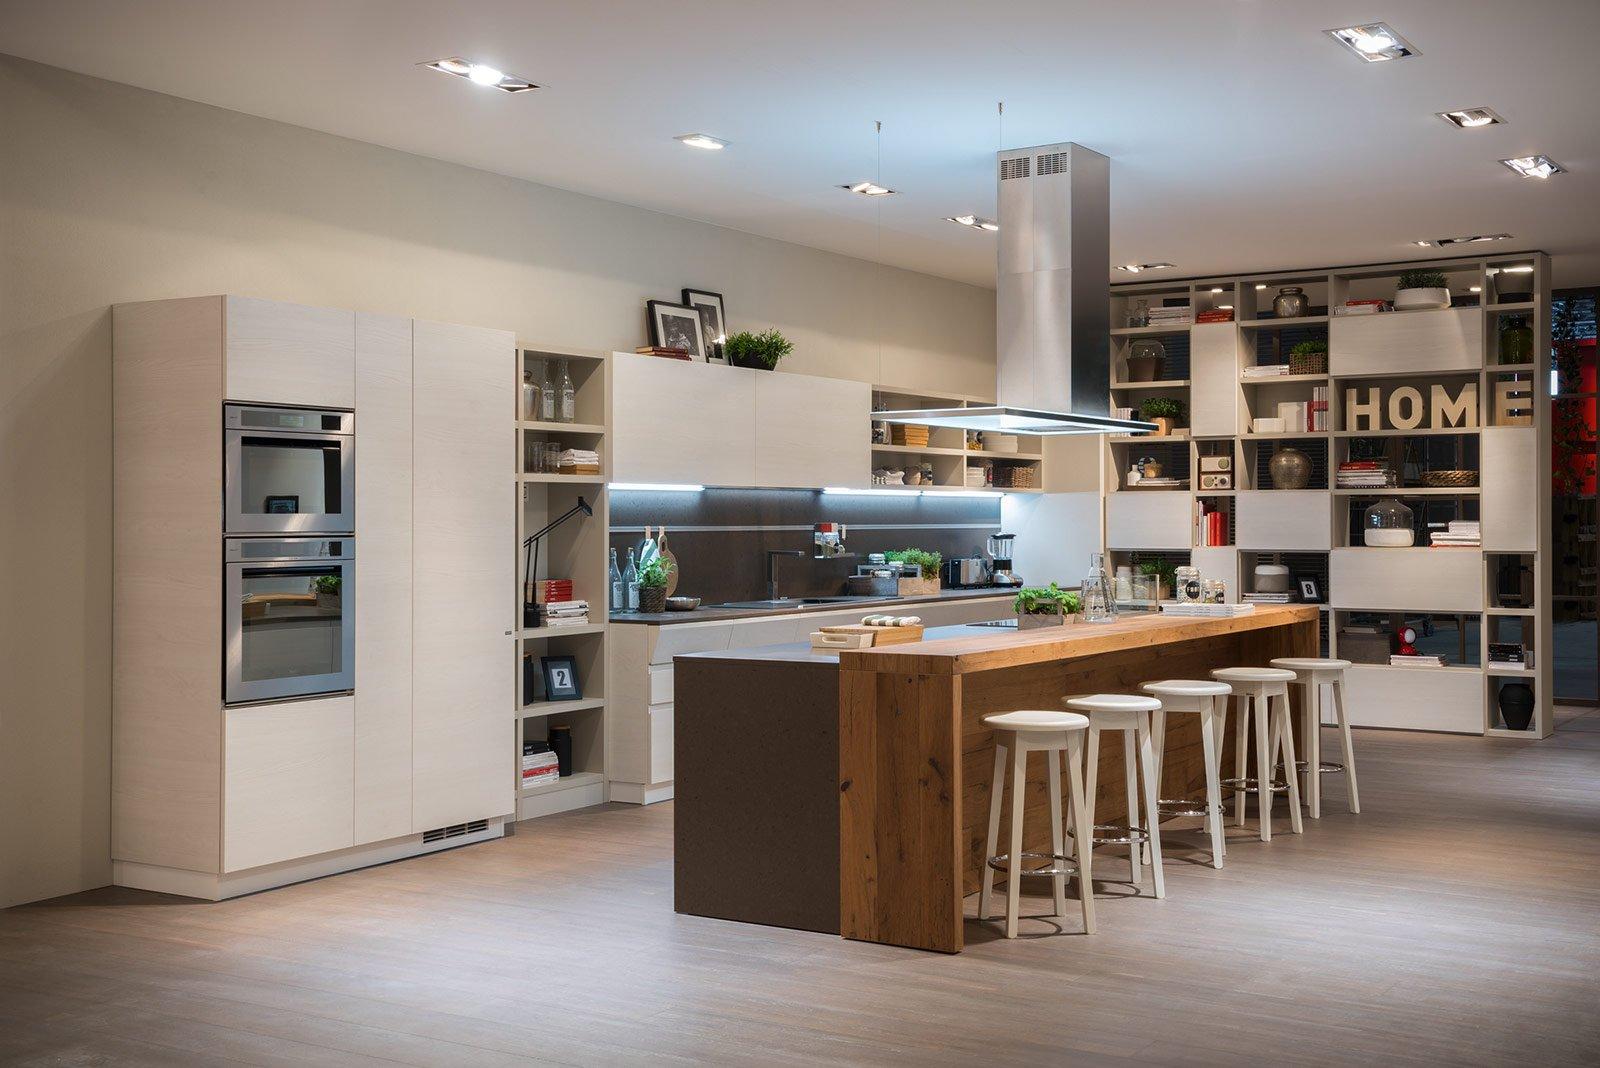 Cucina e soggiorno openspace: funzioni divise o spiccata socialità? - Cose di...